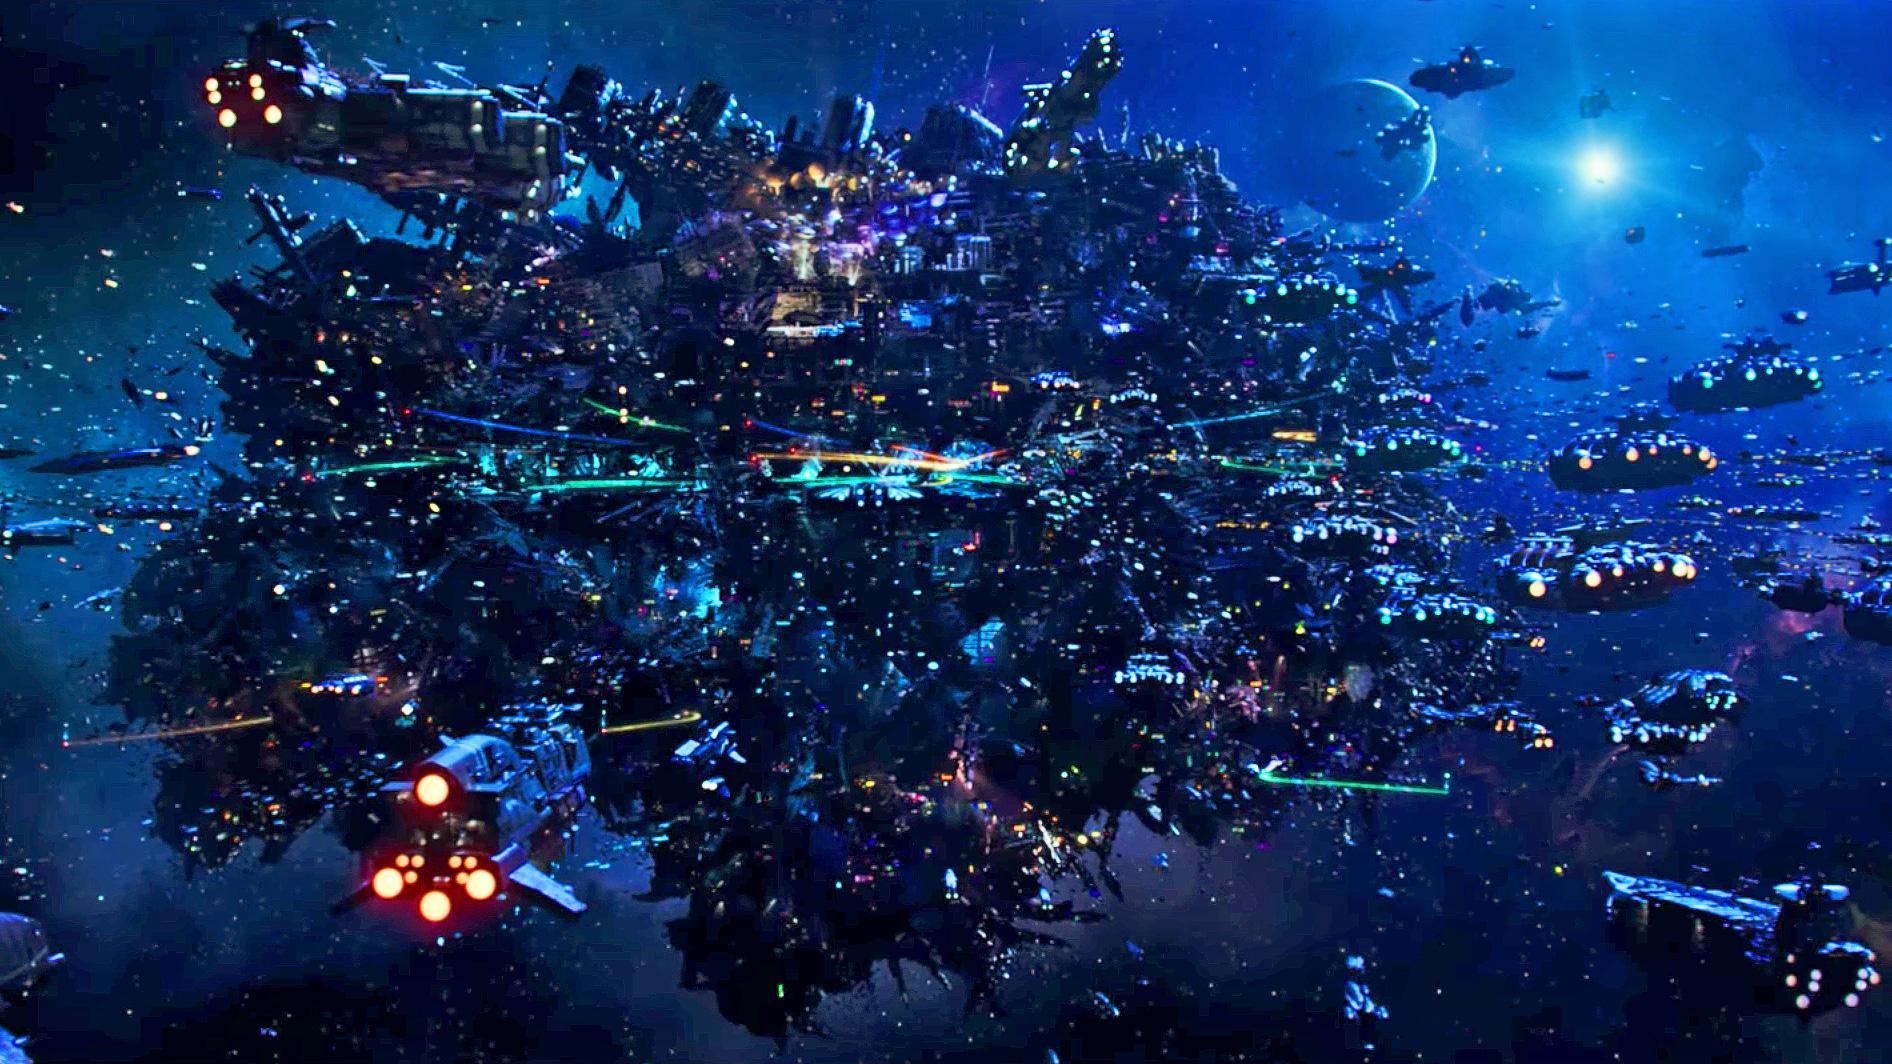 สถาณีอวกาศที่ชื่อ The city of Alpha ซึ่งรวมเอาอารยธรรมเอเลี่ยนต่างๆเข้าไว้ด้วยกันกว่า 1 พันดาวเคราะห์ (รูปจาก ภาพยนตร์เรื่อง Valerian)